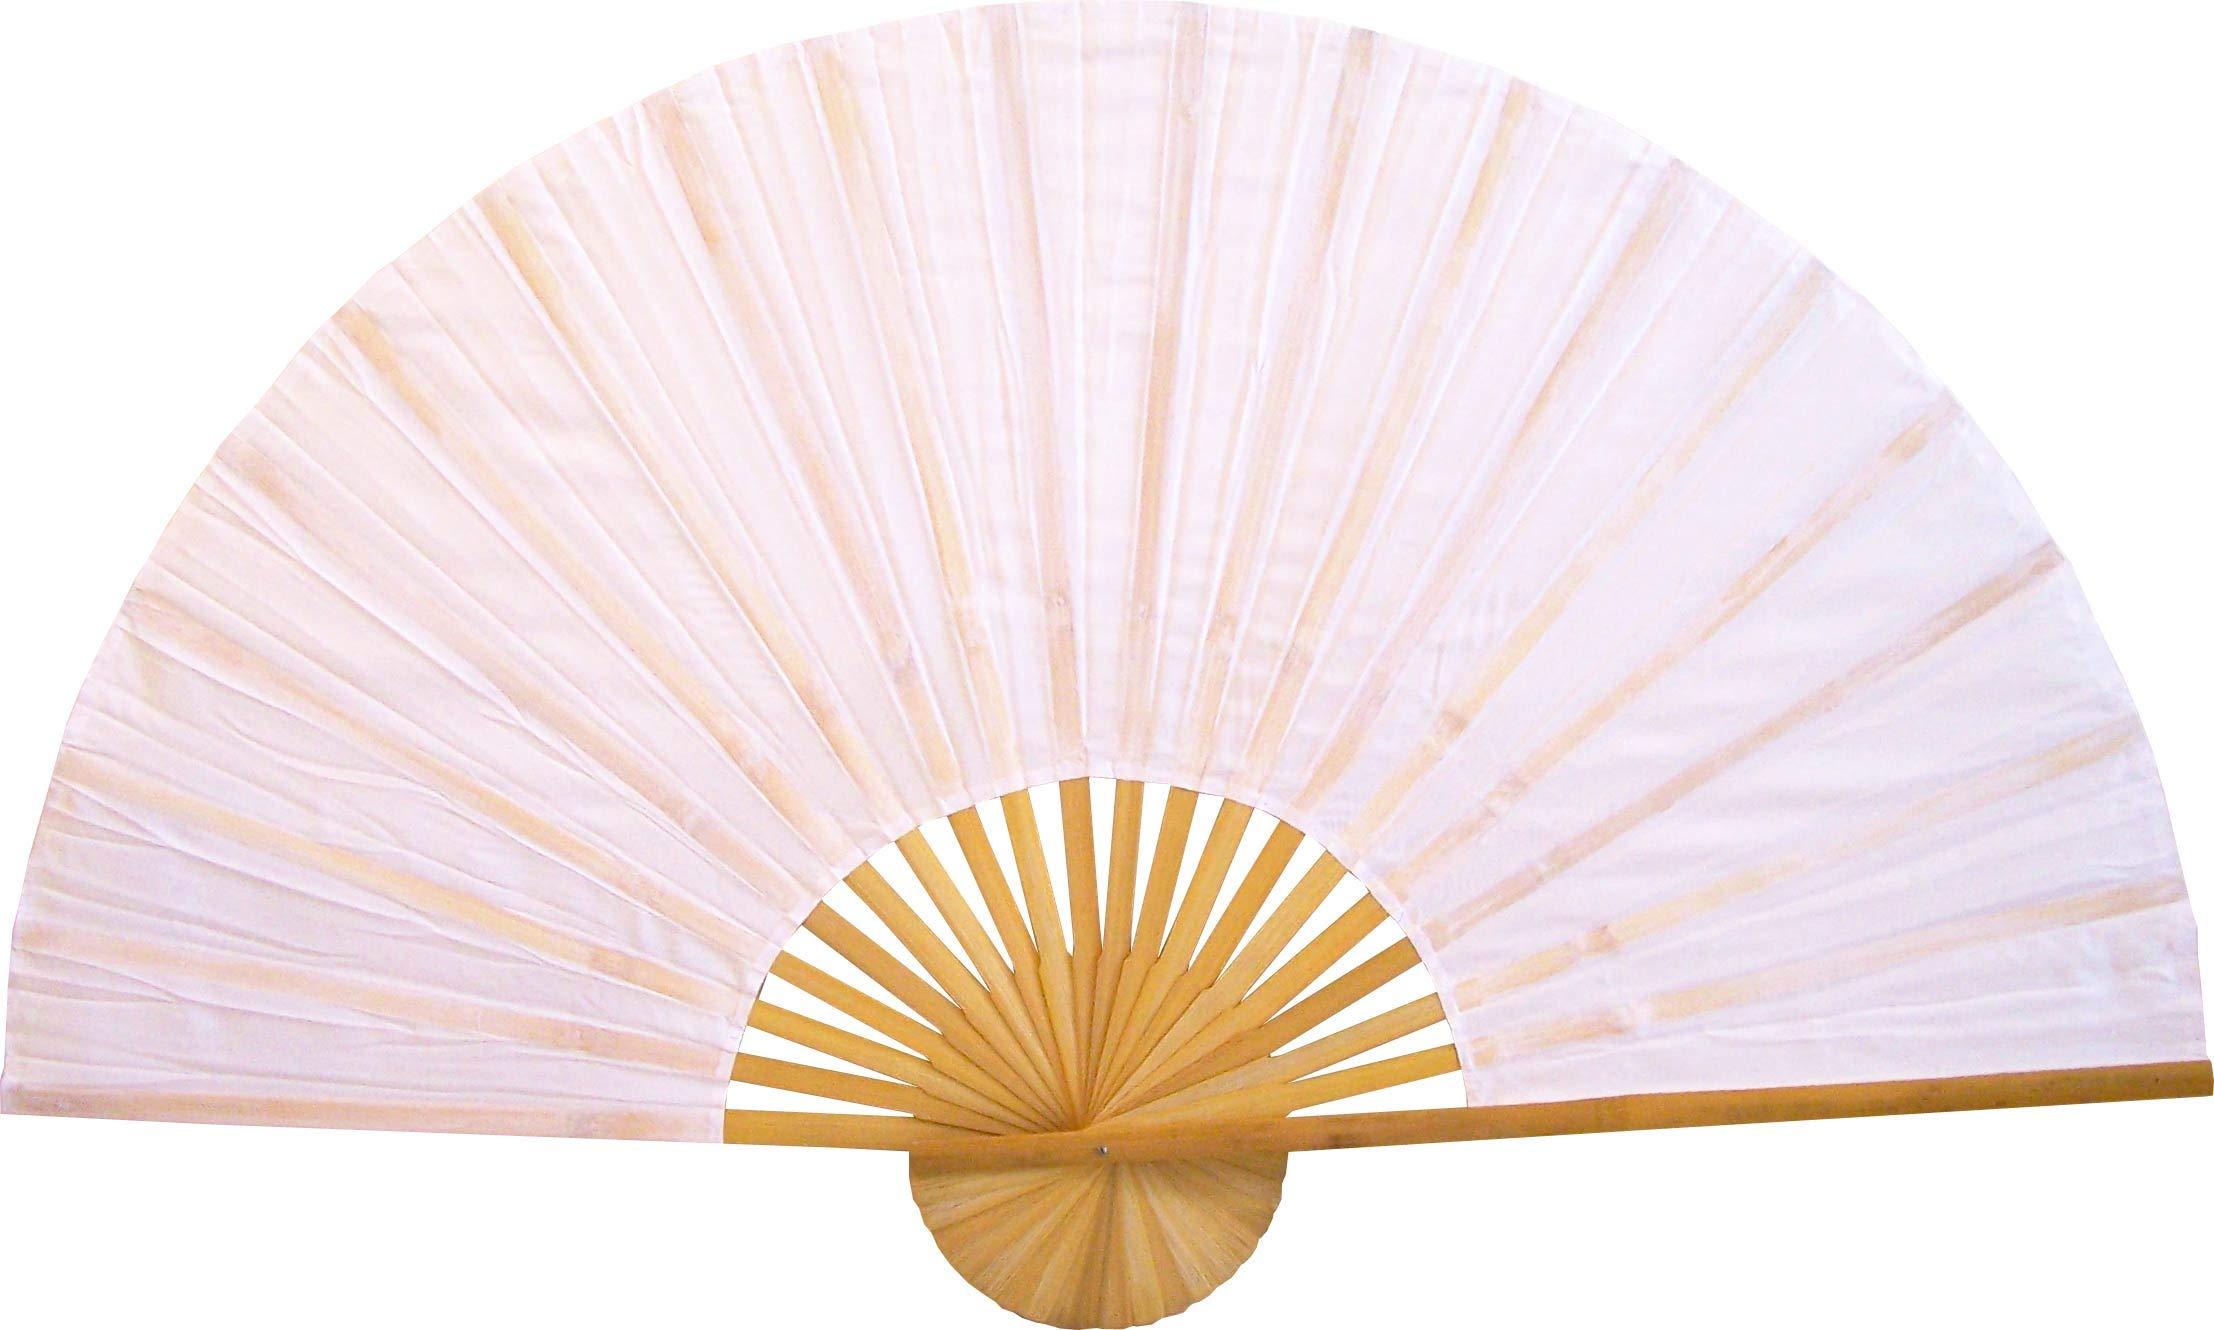 Large 60'' Folding Wall Fan - Solid White Unpainted - Original Wall Fan